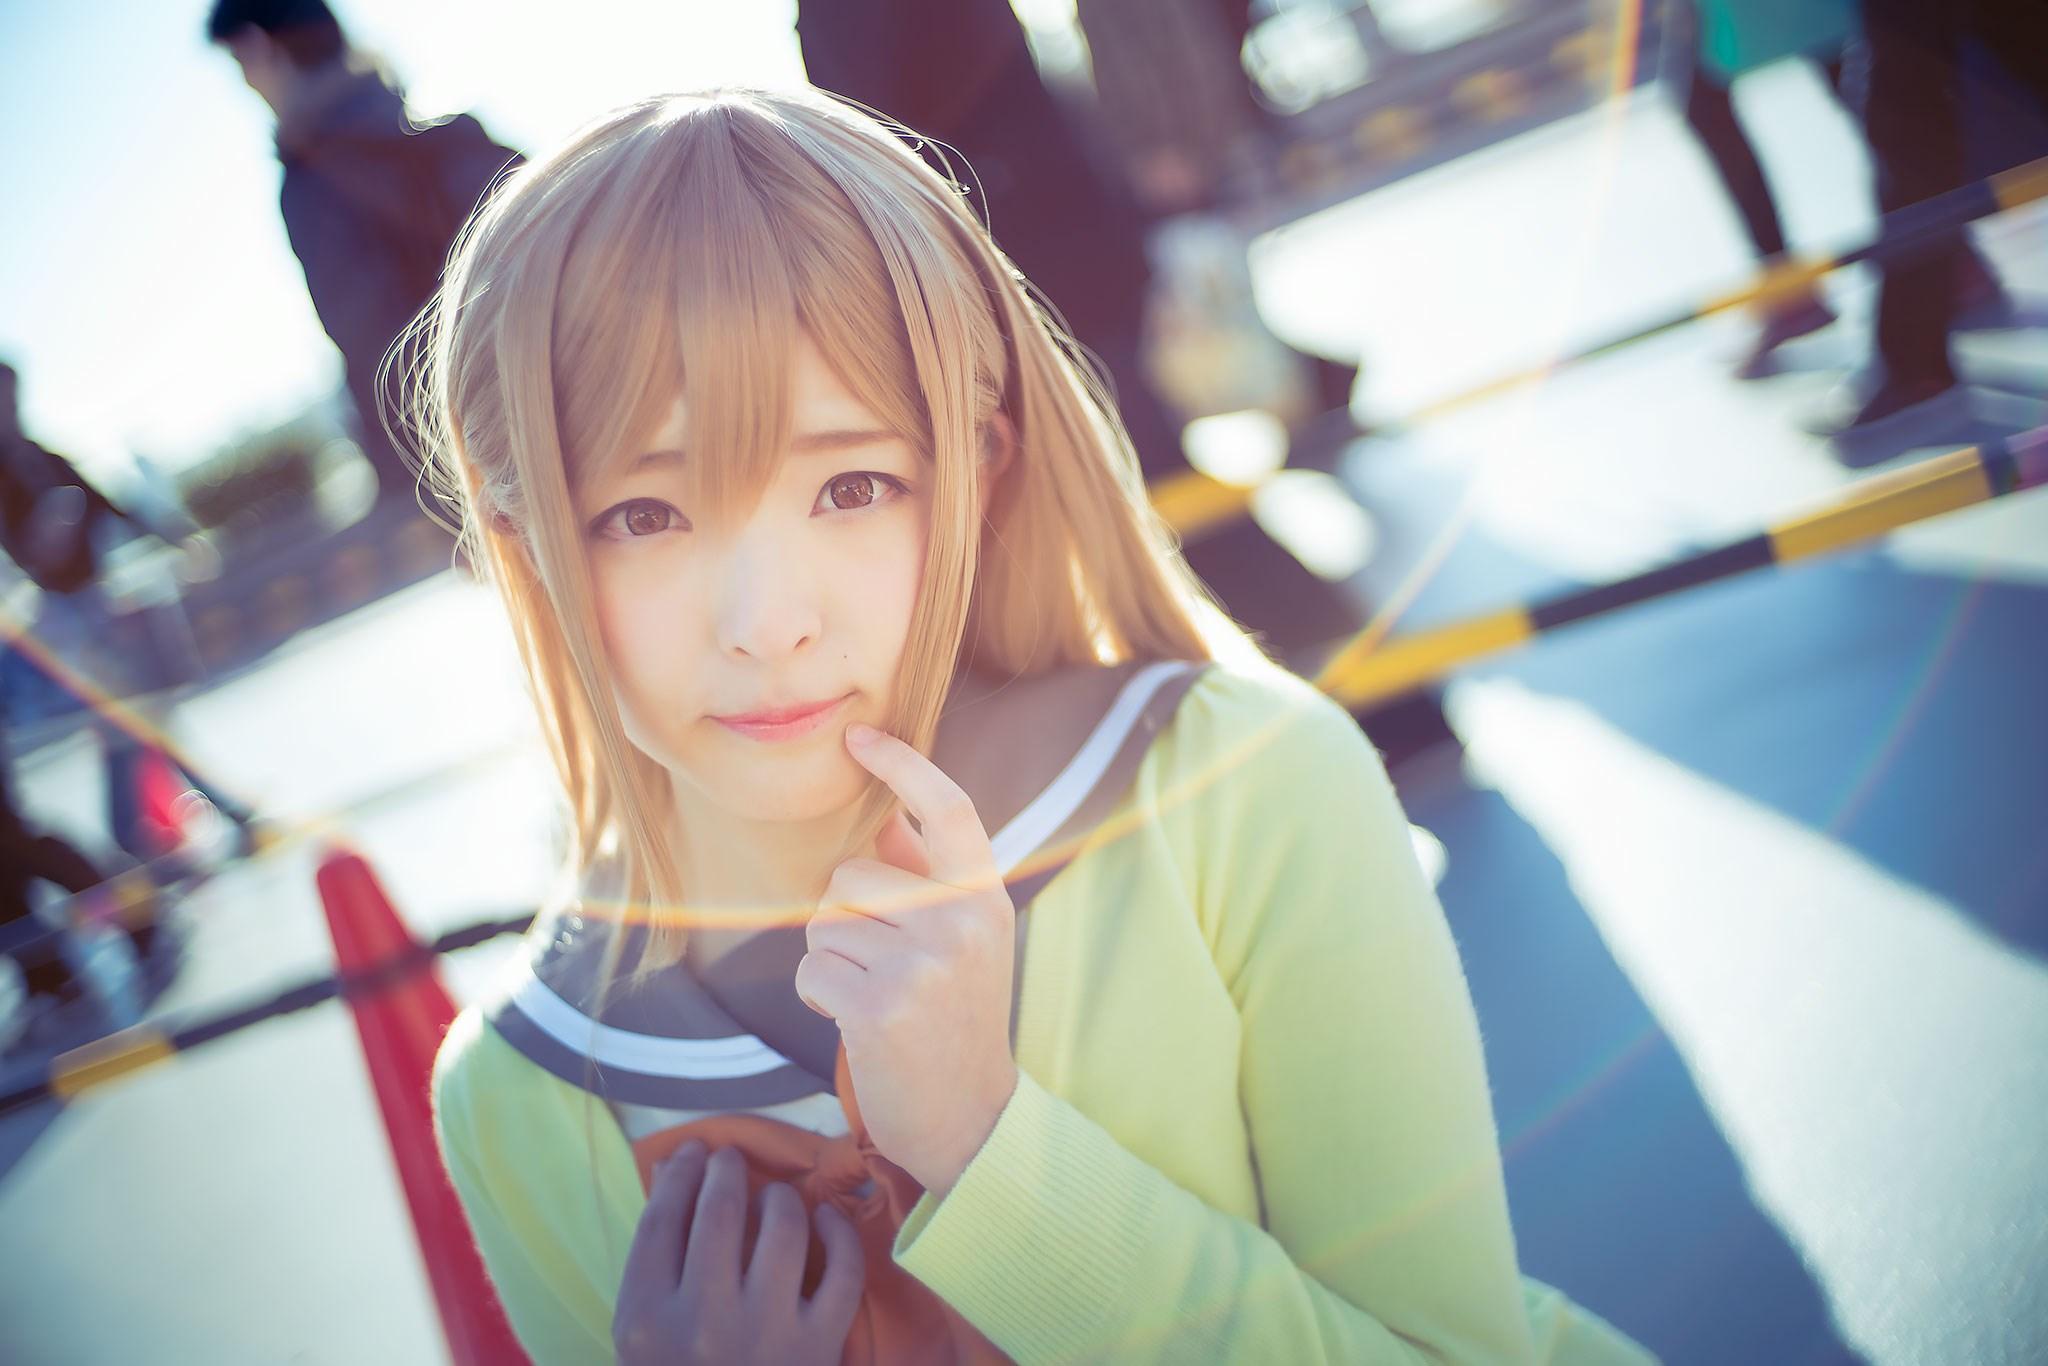 【兔玩映画】阳光与少女 兔玩映画 第18张